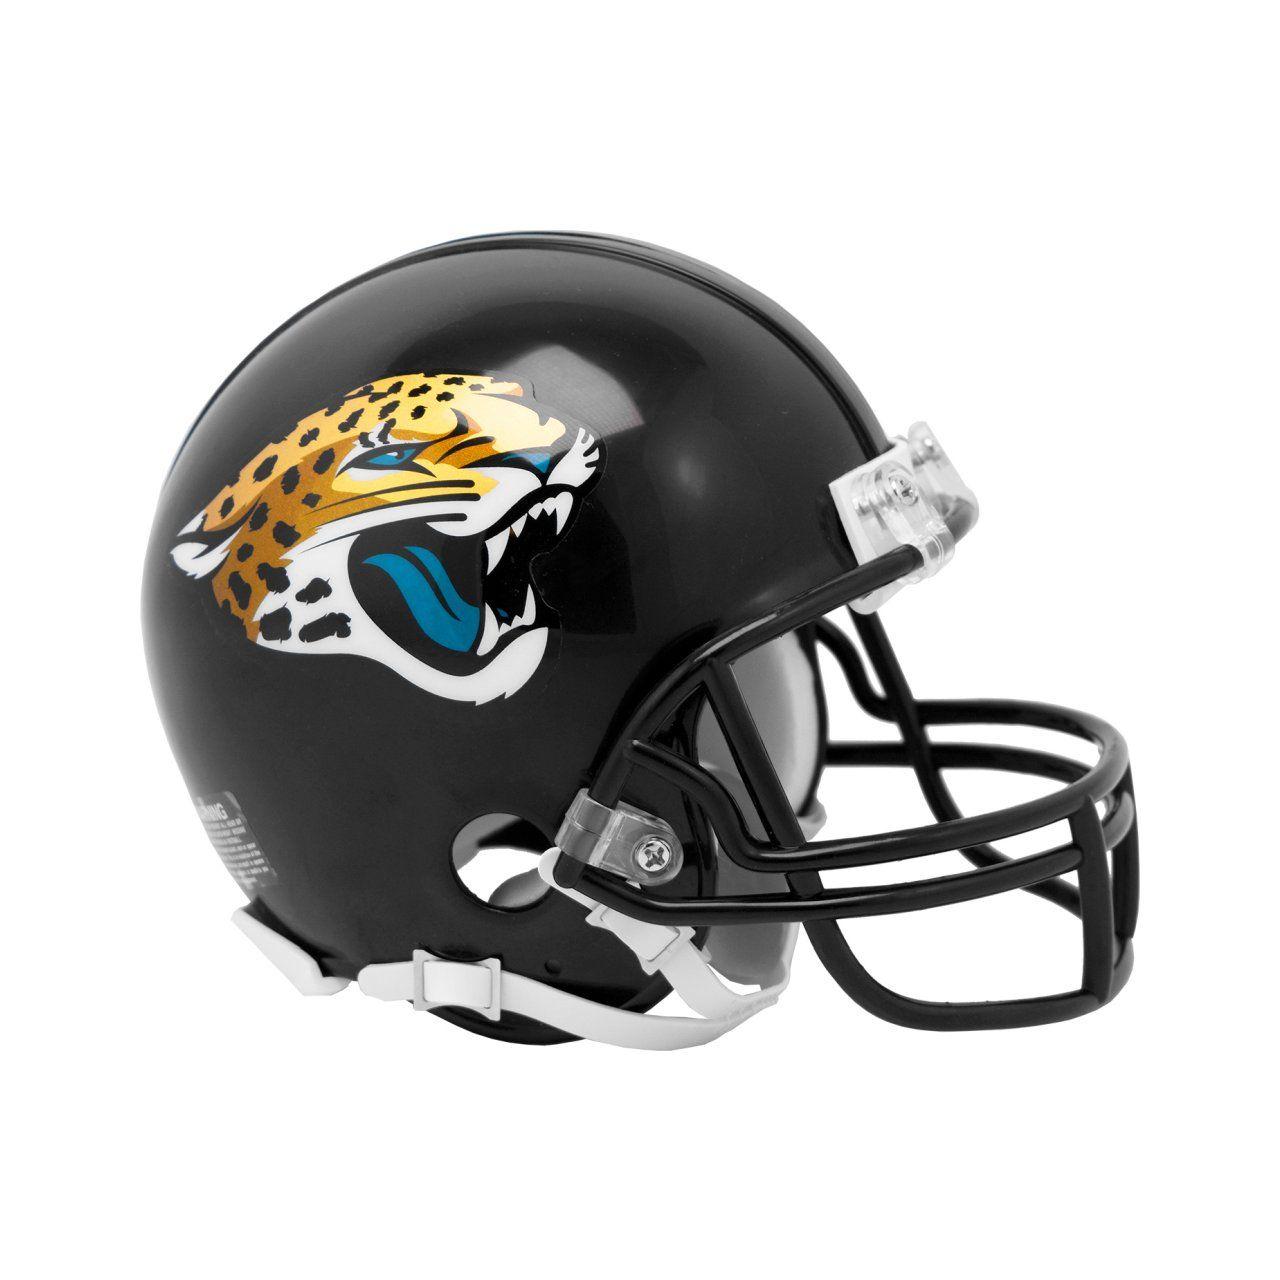 amfoo - Riddell VSR4 Mini Football Helm - NFL Jacksonville Jaguars